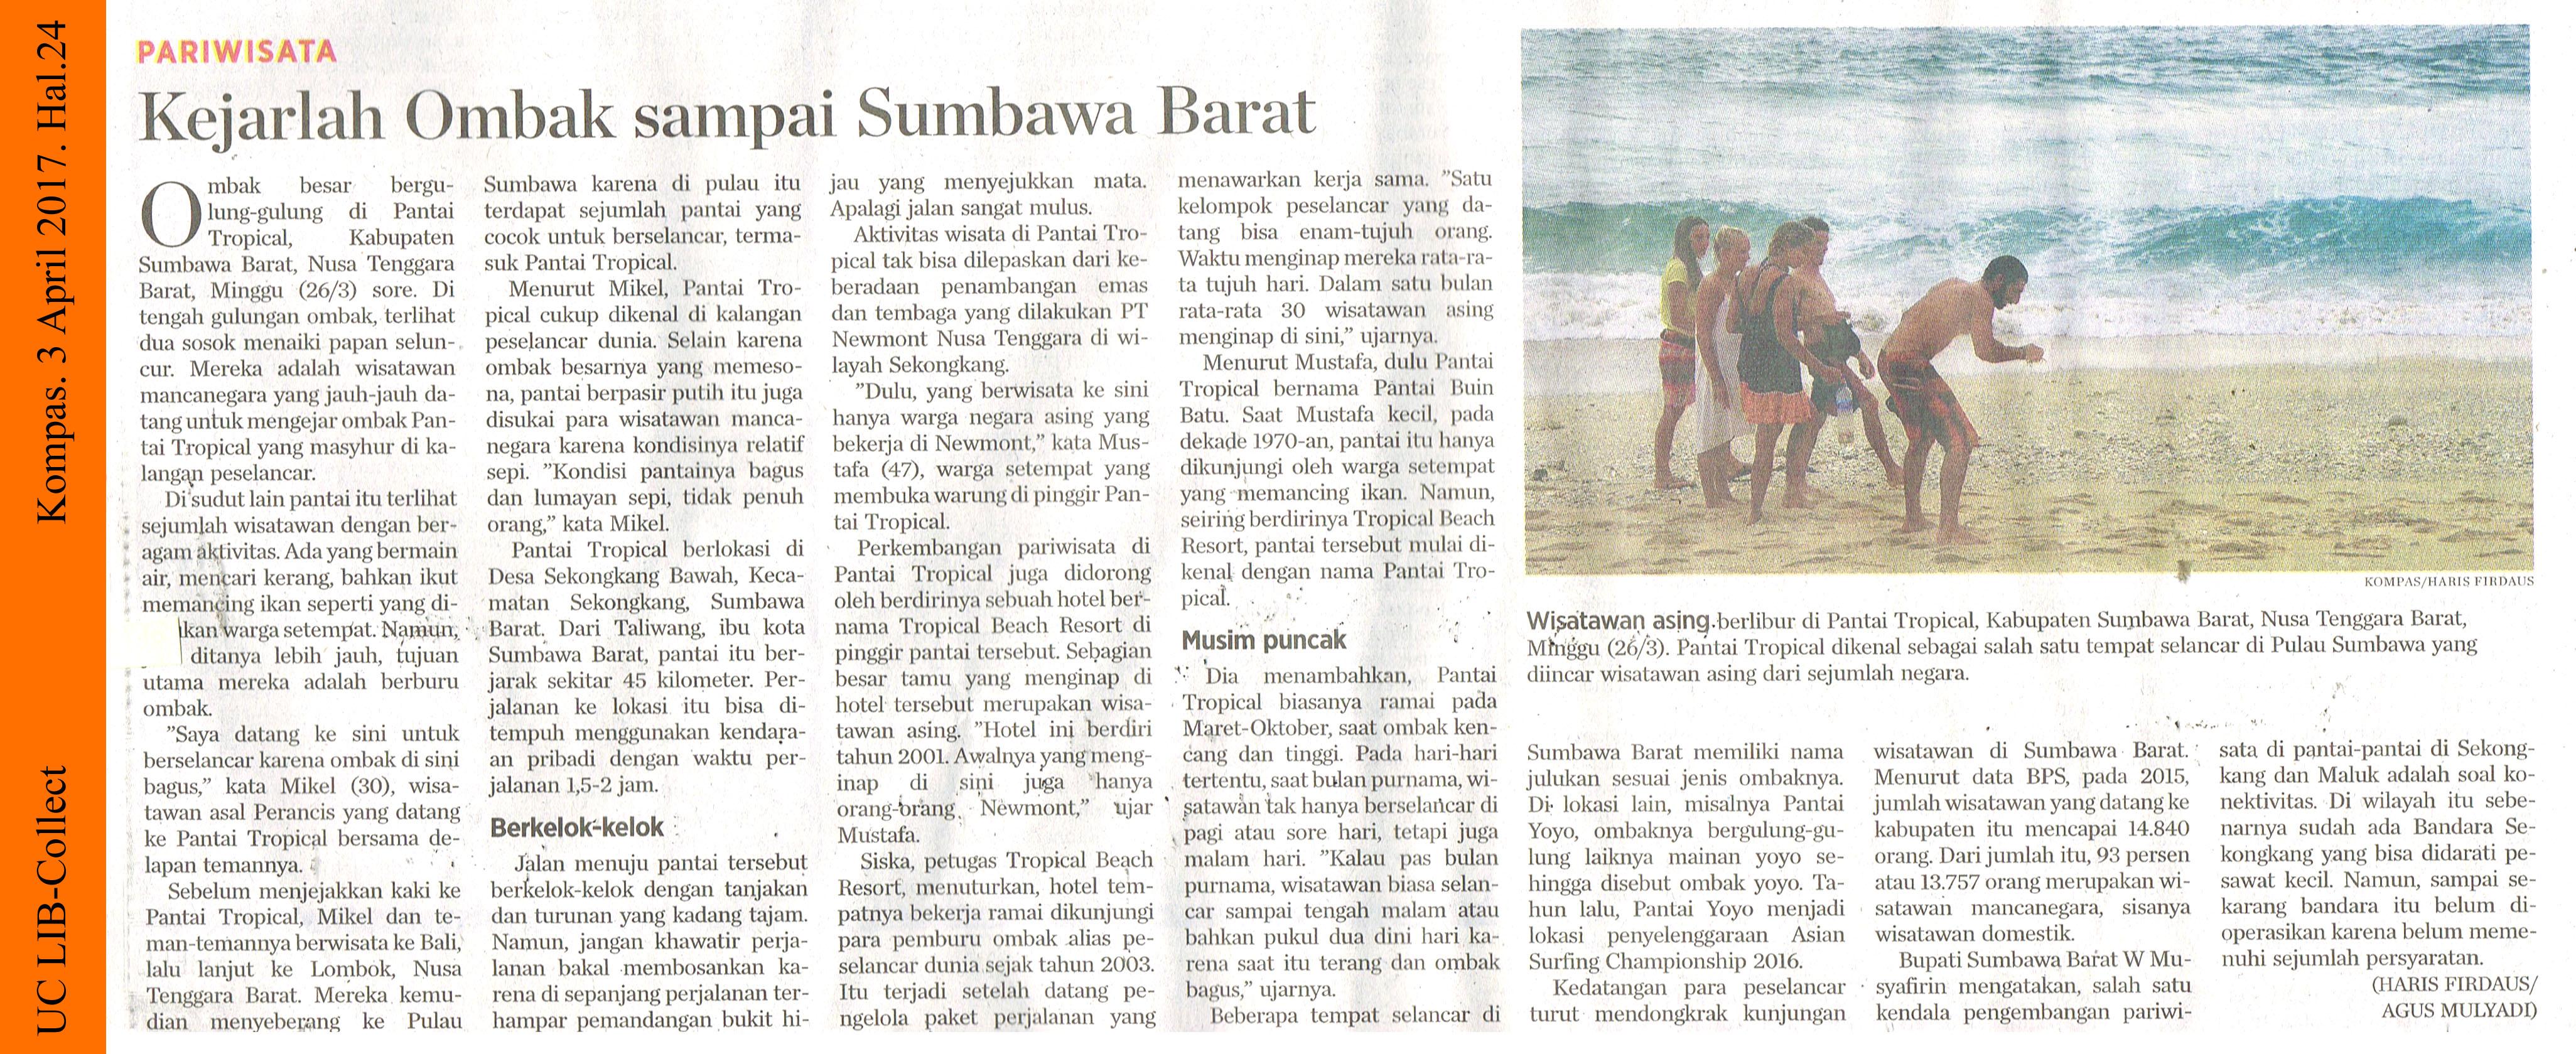 Kejarlah Ombak sampai Sumbawa Barat. Kompas. 3 April 2017. Hal.24